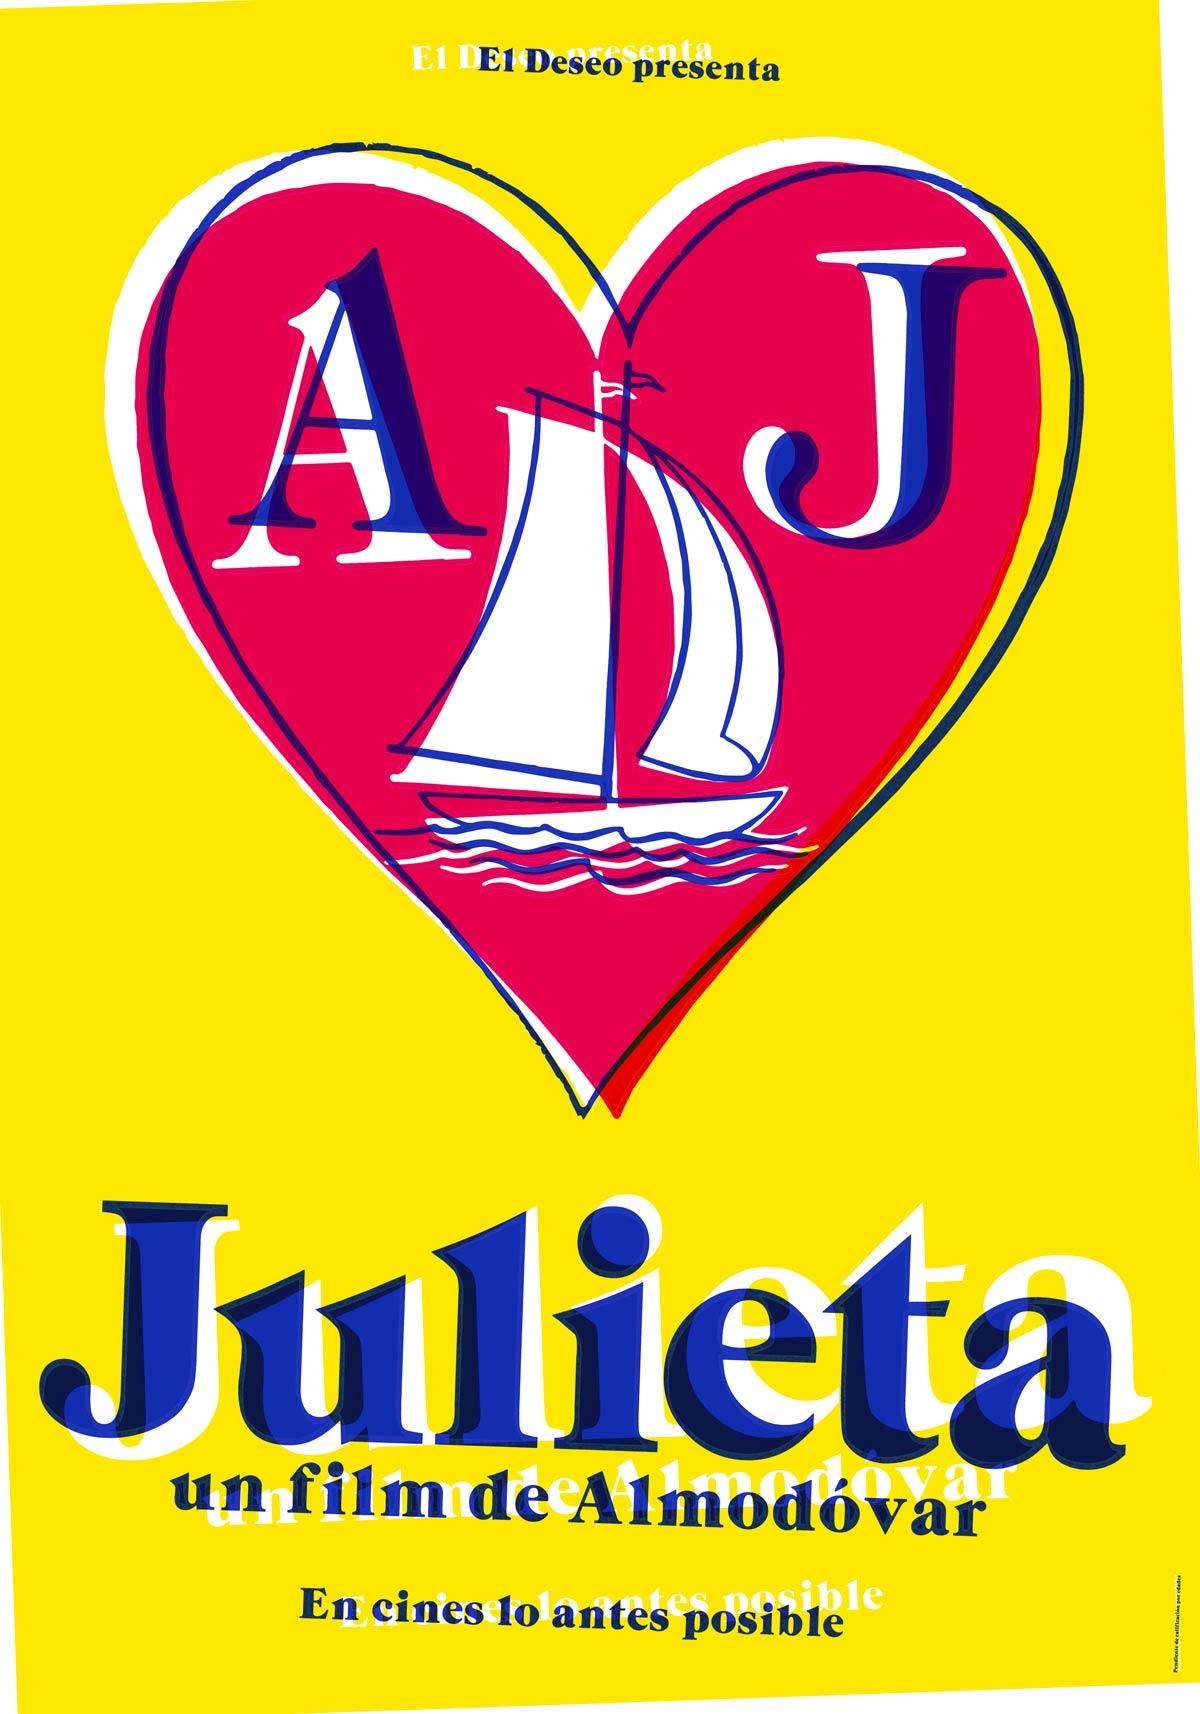 cartel de la pelicula julieta